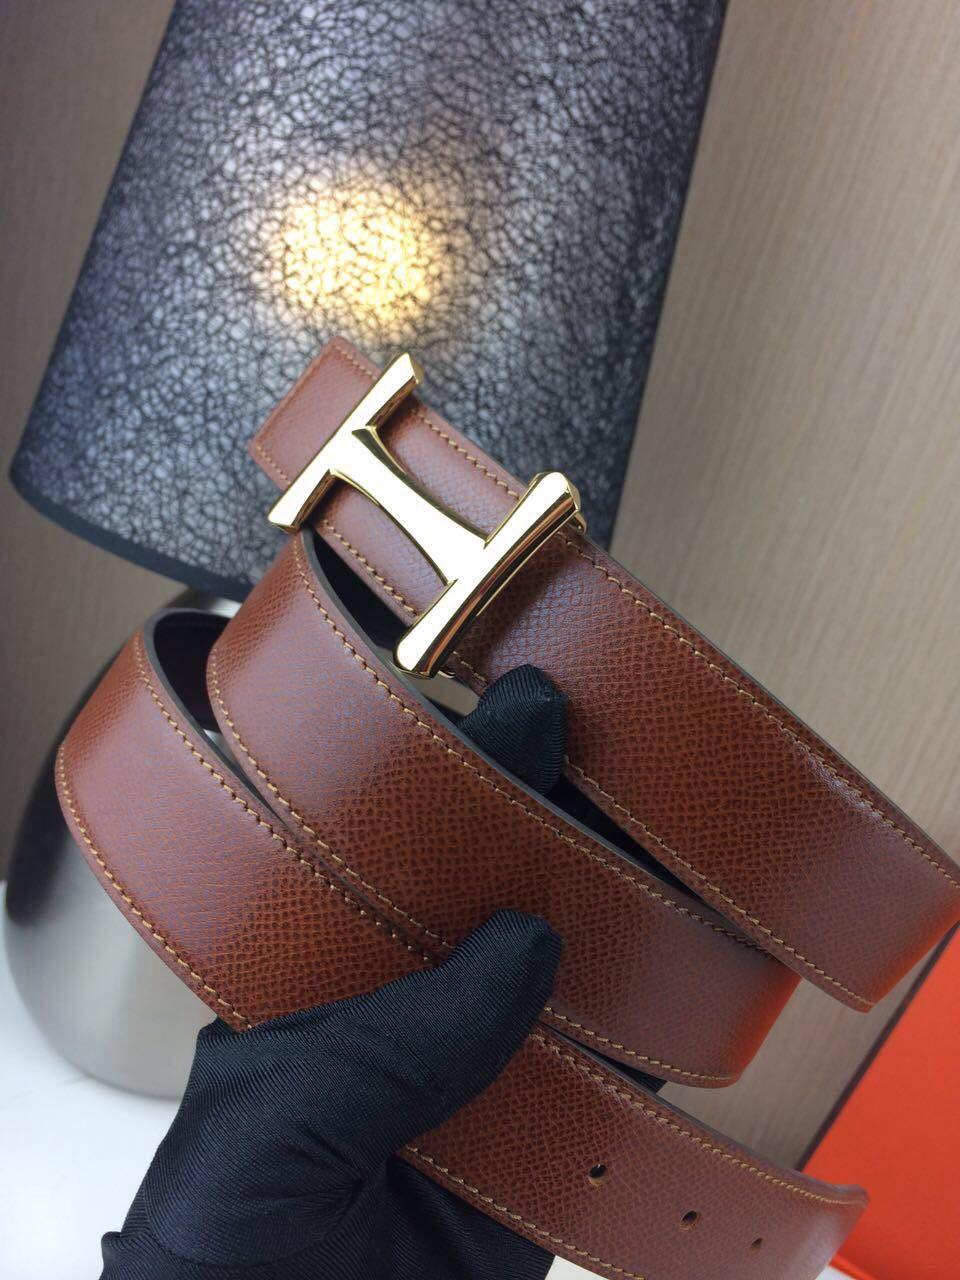 Hermes belt Togo leather Chicken leg buckle Dark brown